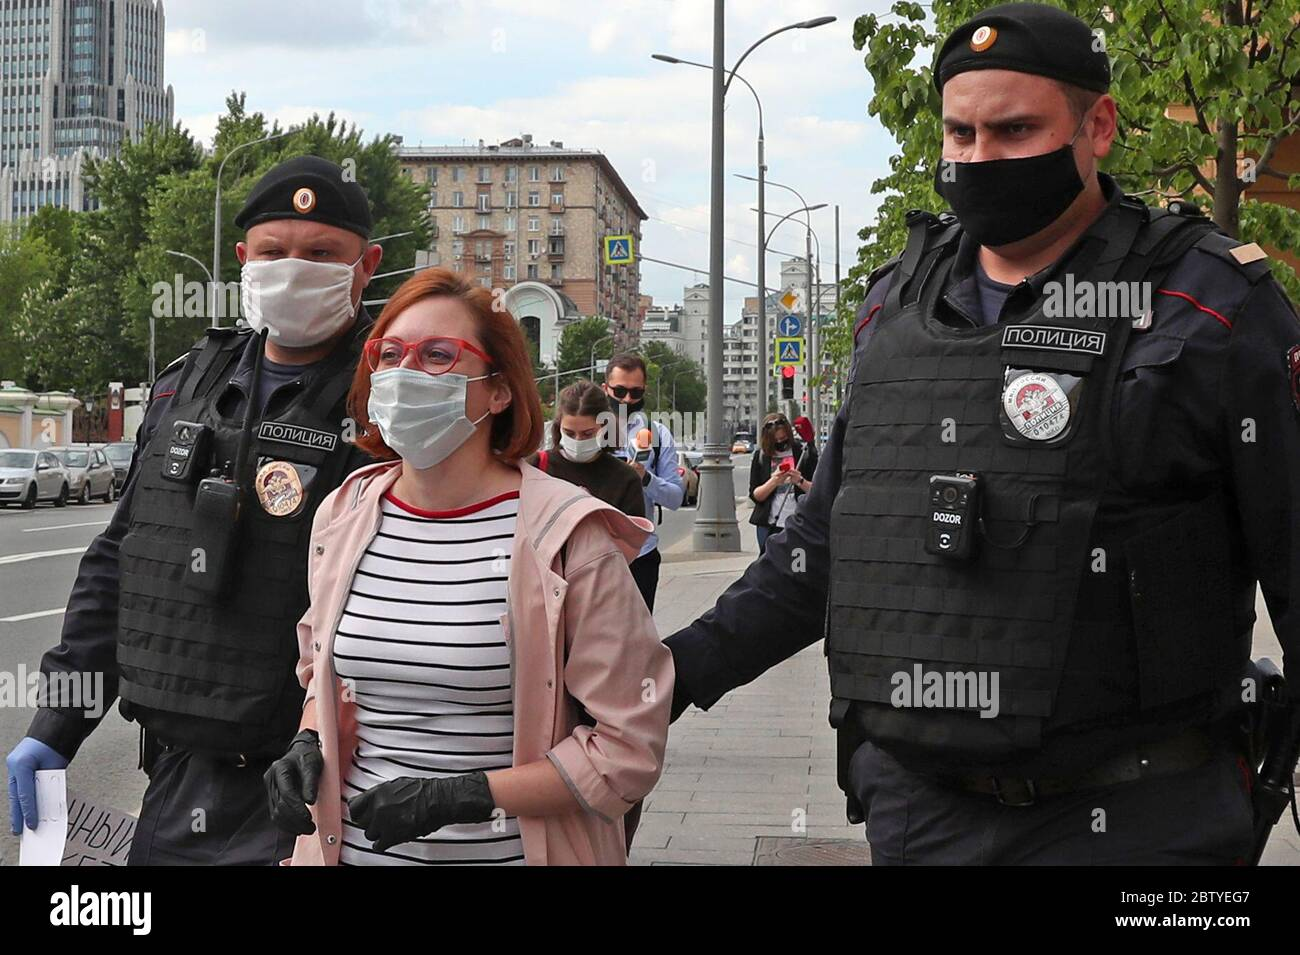 MOSCOU, RUSSIE – 28 MAI 2020 : l'hôte de la radio Ekho Moskvy, la journaliste Tatyana Felgenhauer (C), est détenue par la police lors d'une manifestation en solo en faveur de la journaliste Ilya Azar devant le bureau principal de la branche de Moscou du ministère russe de l'intérieur, rue Petrovka. Les journalistes ont manifesté à tour de rôle en faveur d'Ilya Azar, arrêté et placé en détention provisoire pendant 15 jours le 26 mai pour avoir organisé une manifestation en solo contre la détention de Vladimir Vorontsov, fondateur de la page publique des médiateurs Politsii sur un réseau social. Vladimir Gerdo/TASS Banque D'Images